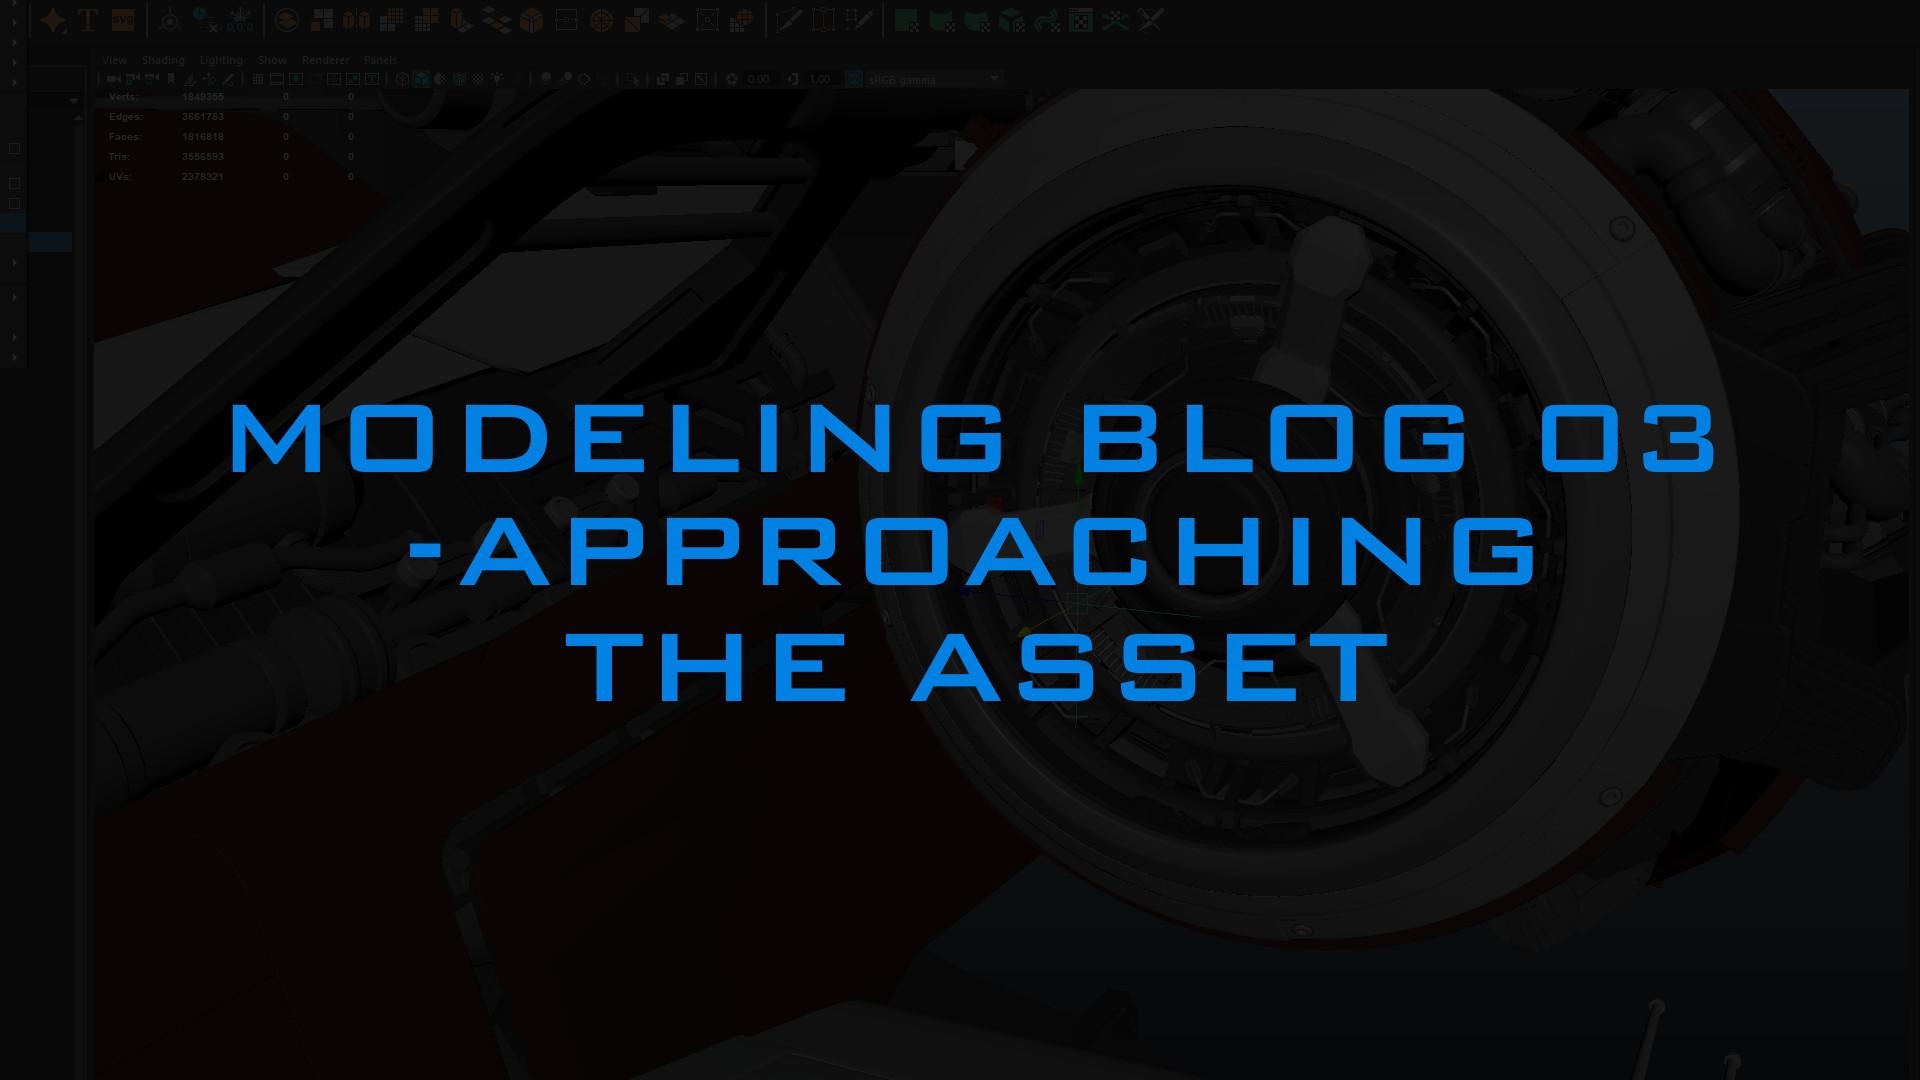 ArtStation - Andrew Hodgson - Modeling Blog 03 - Approaching